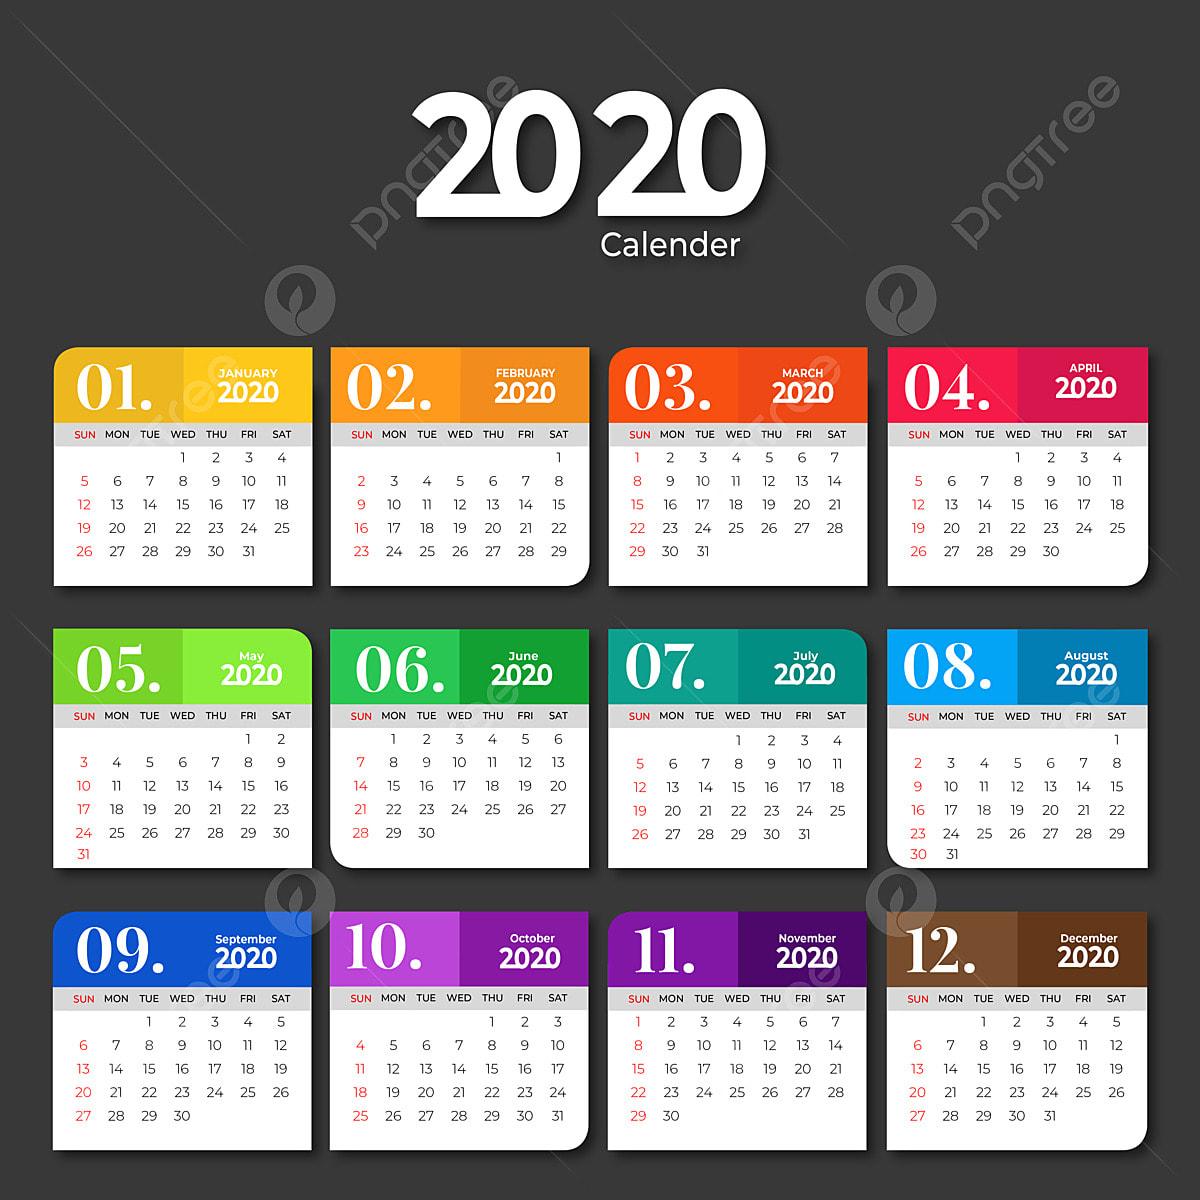 Calendrier 2020 Avec Photos.Modele De Calendrier 2020 Avec Couleurs Unies Modele De